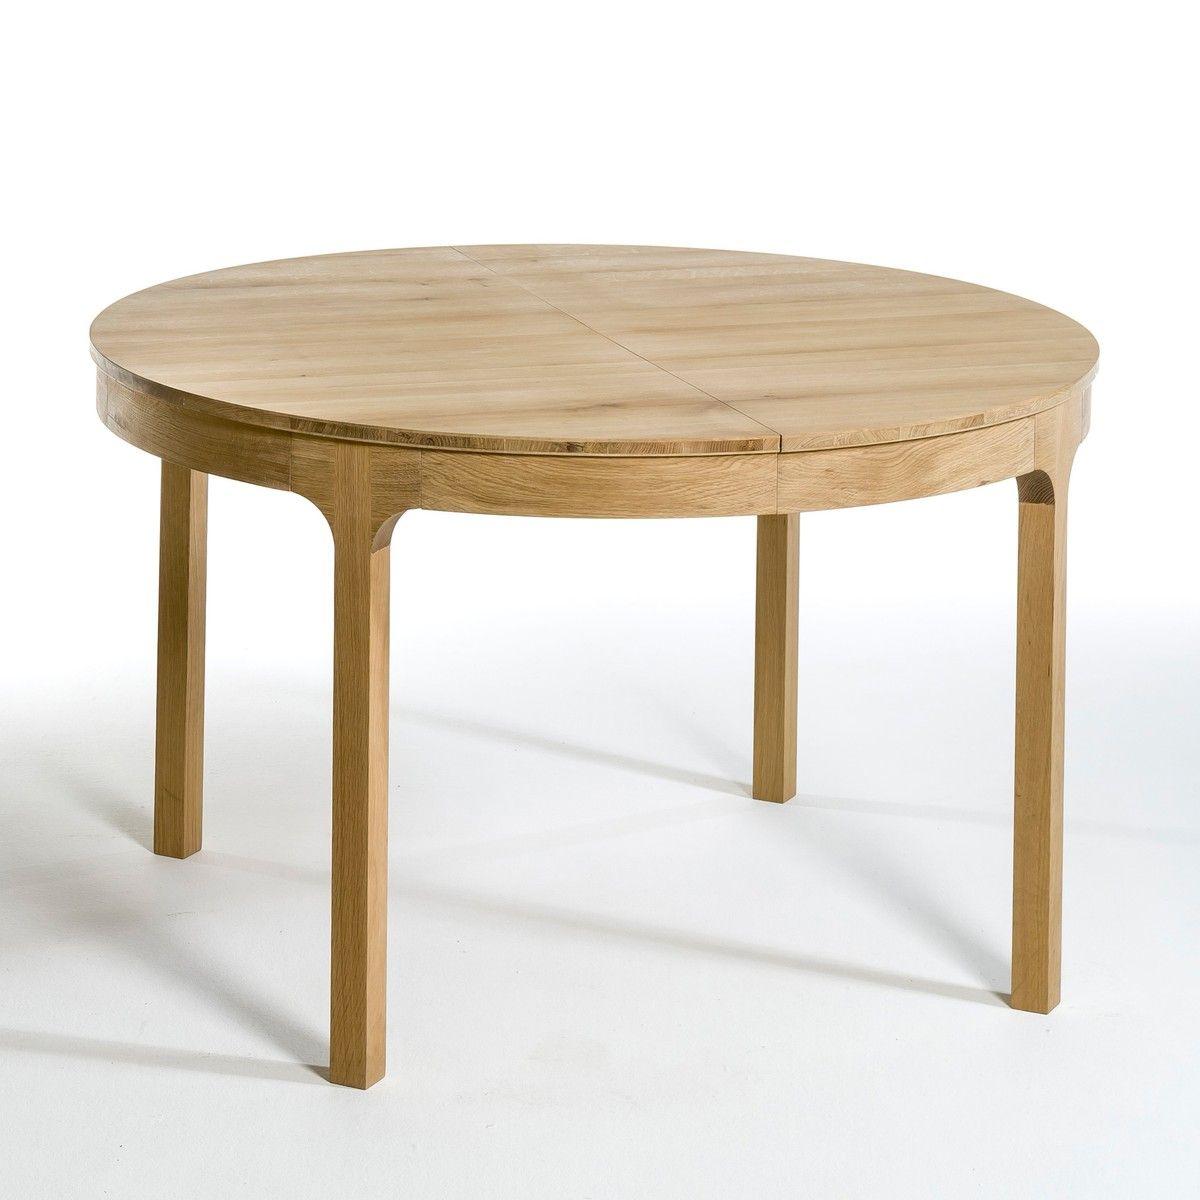 Tisch Amalrik, rund, Ø120 cm, ausziehbar Runder tisch